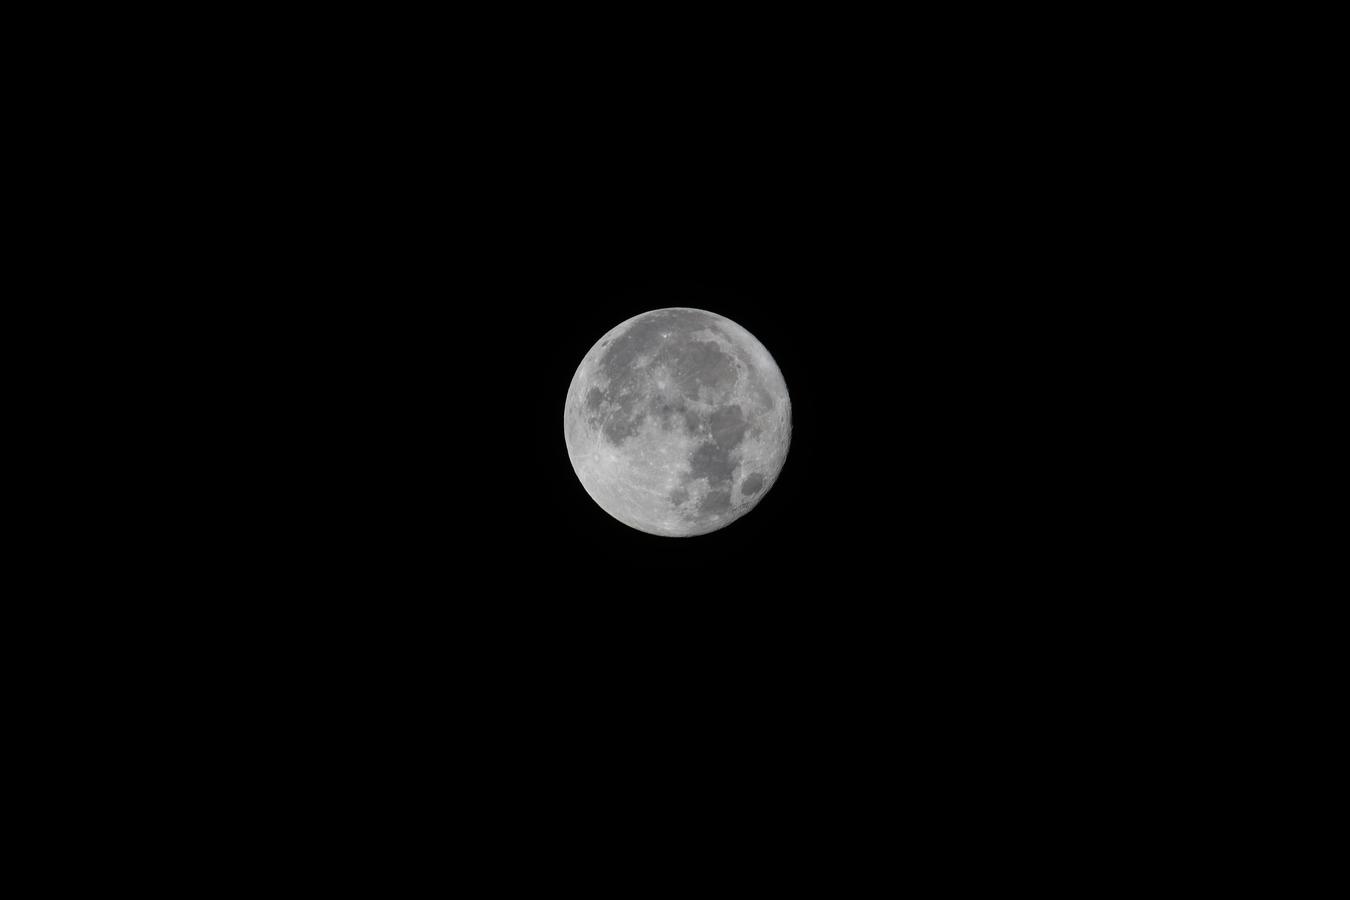 Měsíc v super úplňku